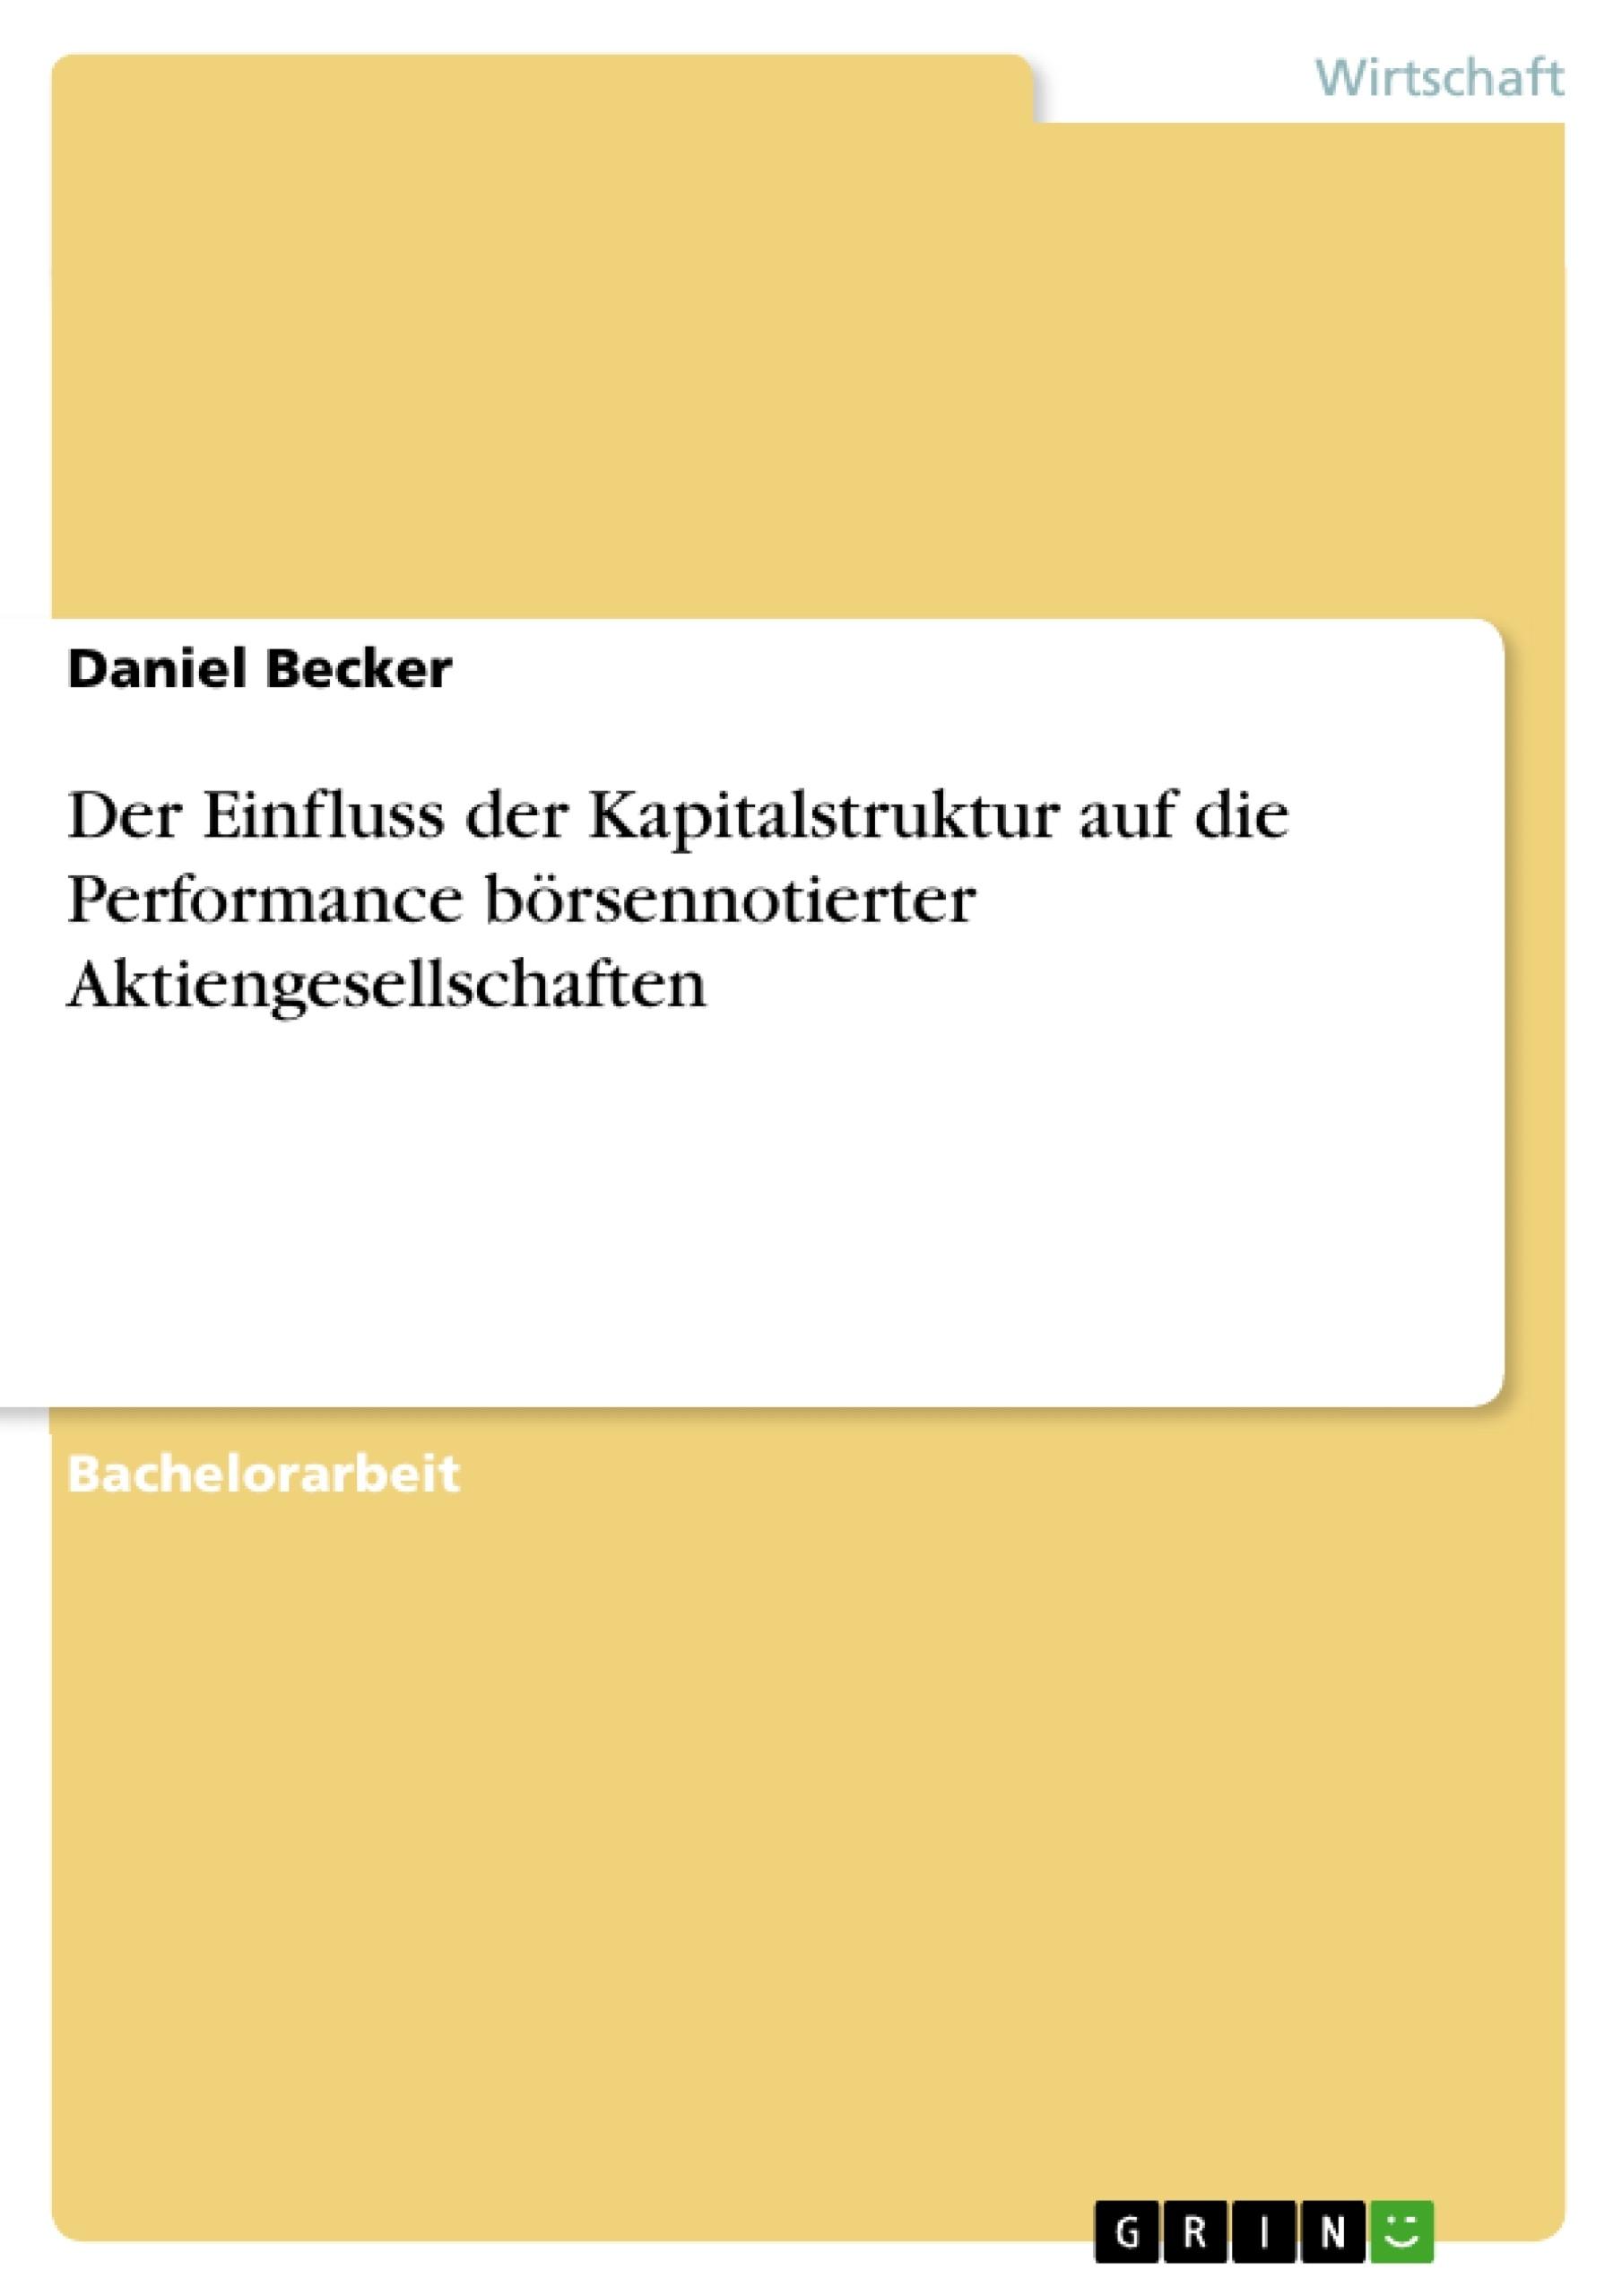 Titel: Der Einfluss der Kapitalstruktur auf die Performance börsennotierter Aktiengesellschaften